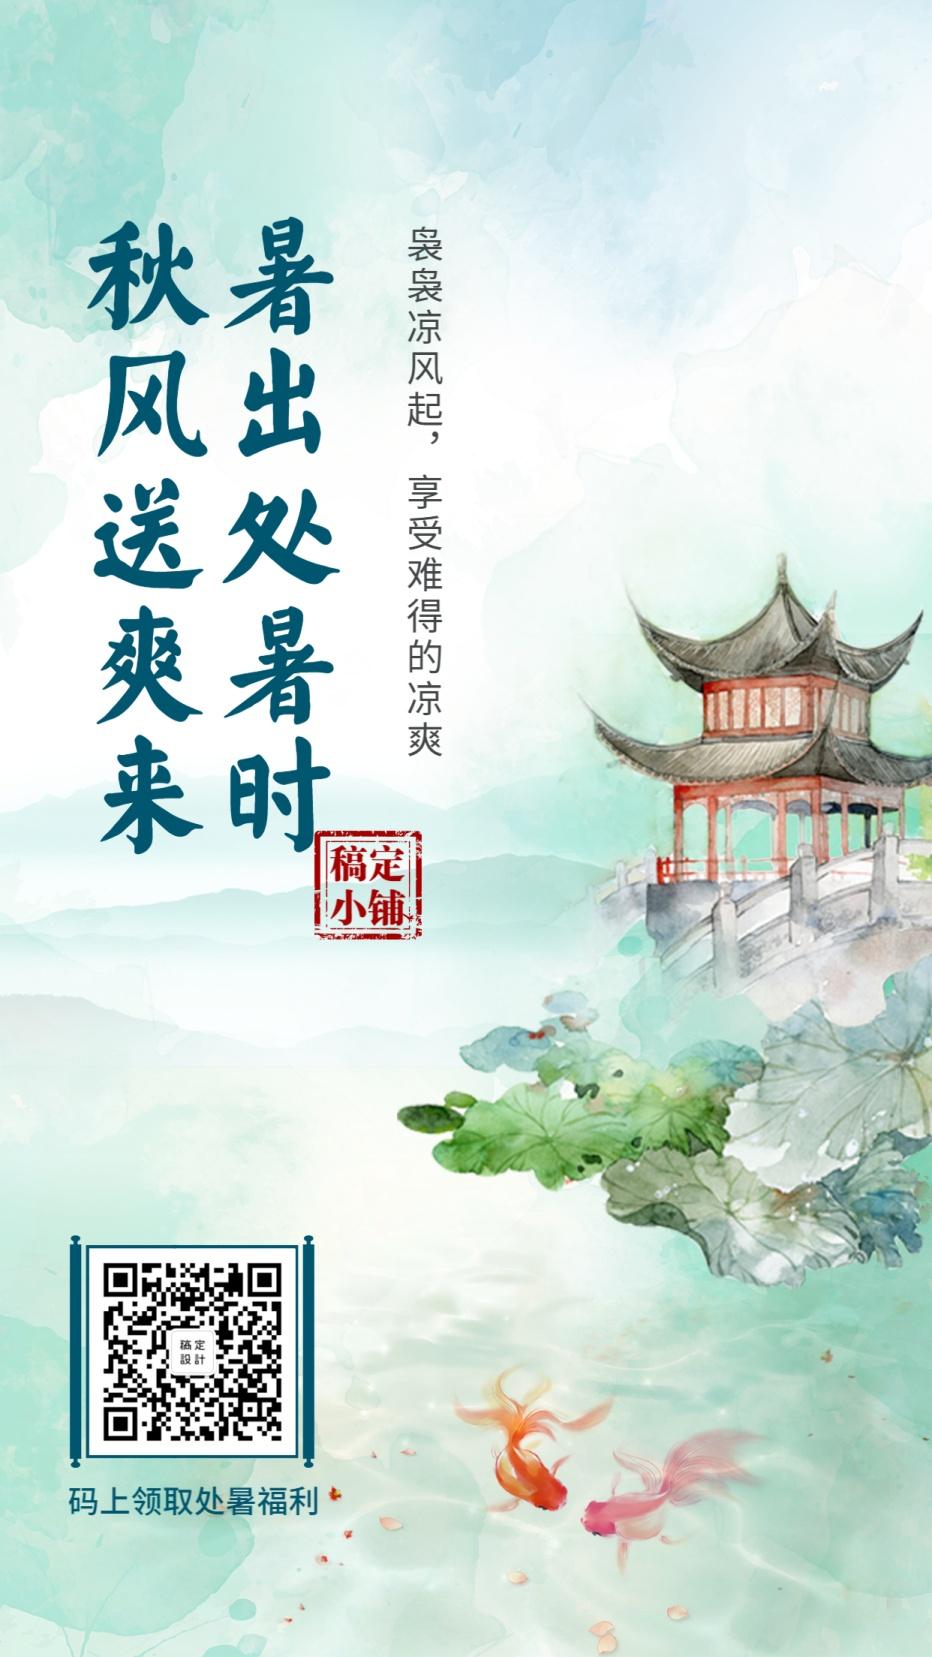 处暑/文艺清新/手机海报